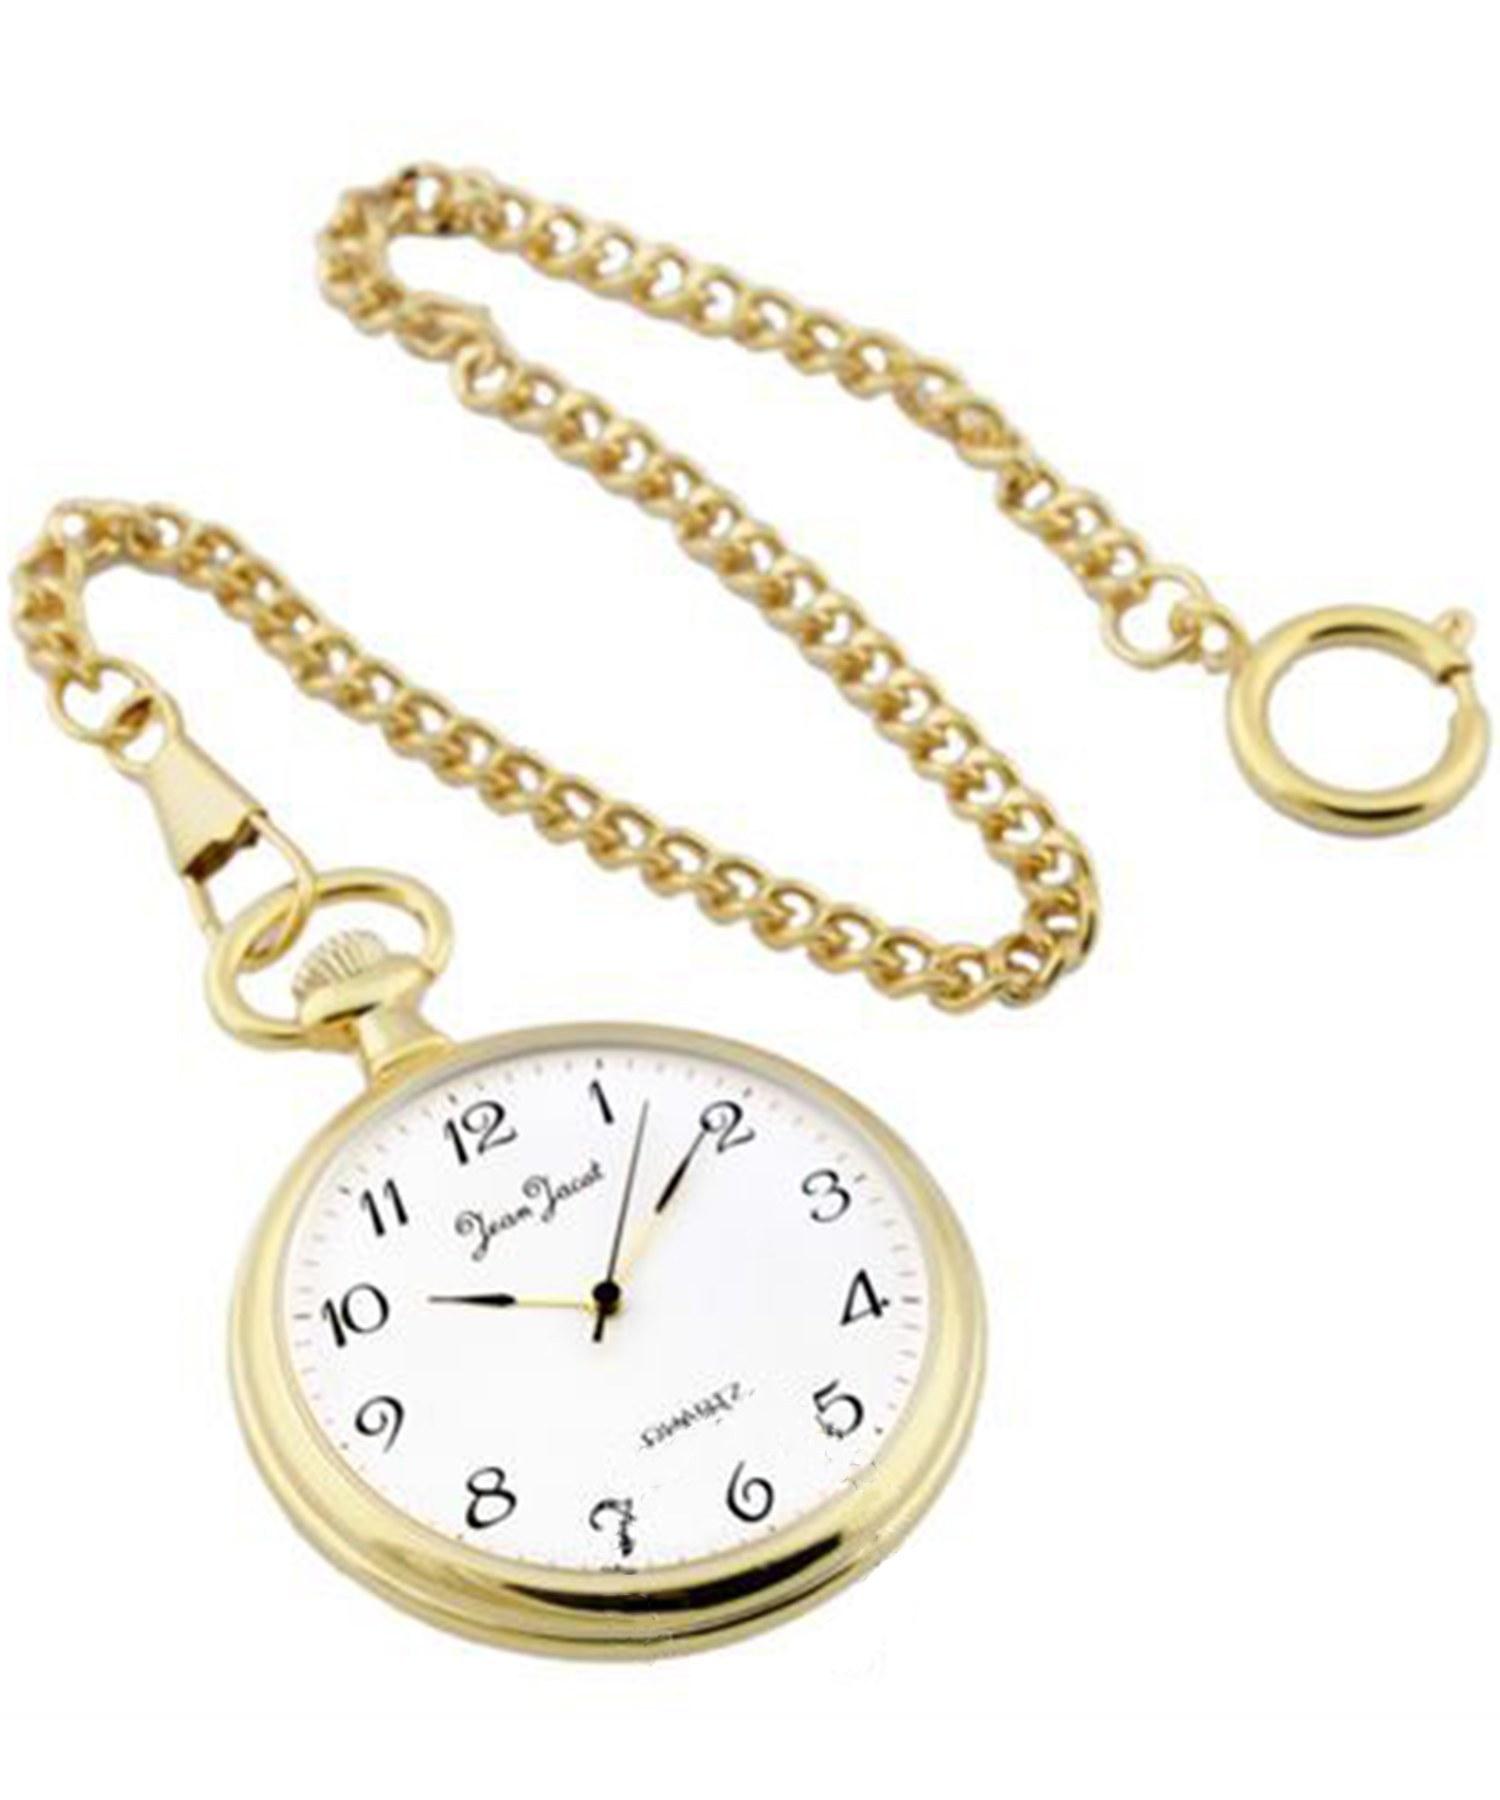 تصویر ساعت جیبی مردانه ژان ژاکت ، کد 1016-QG